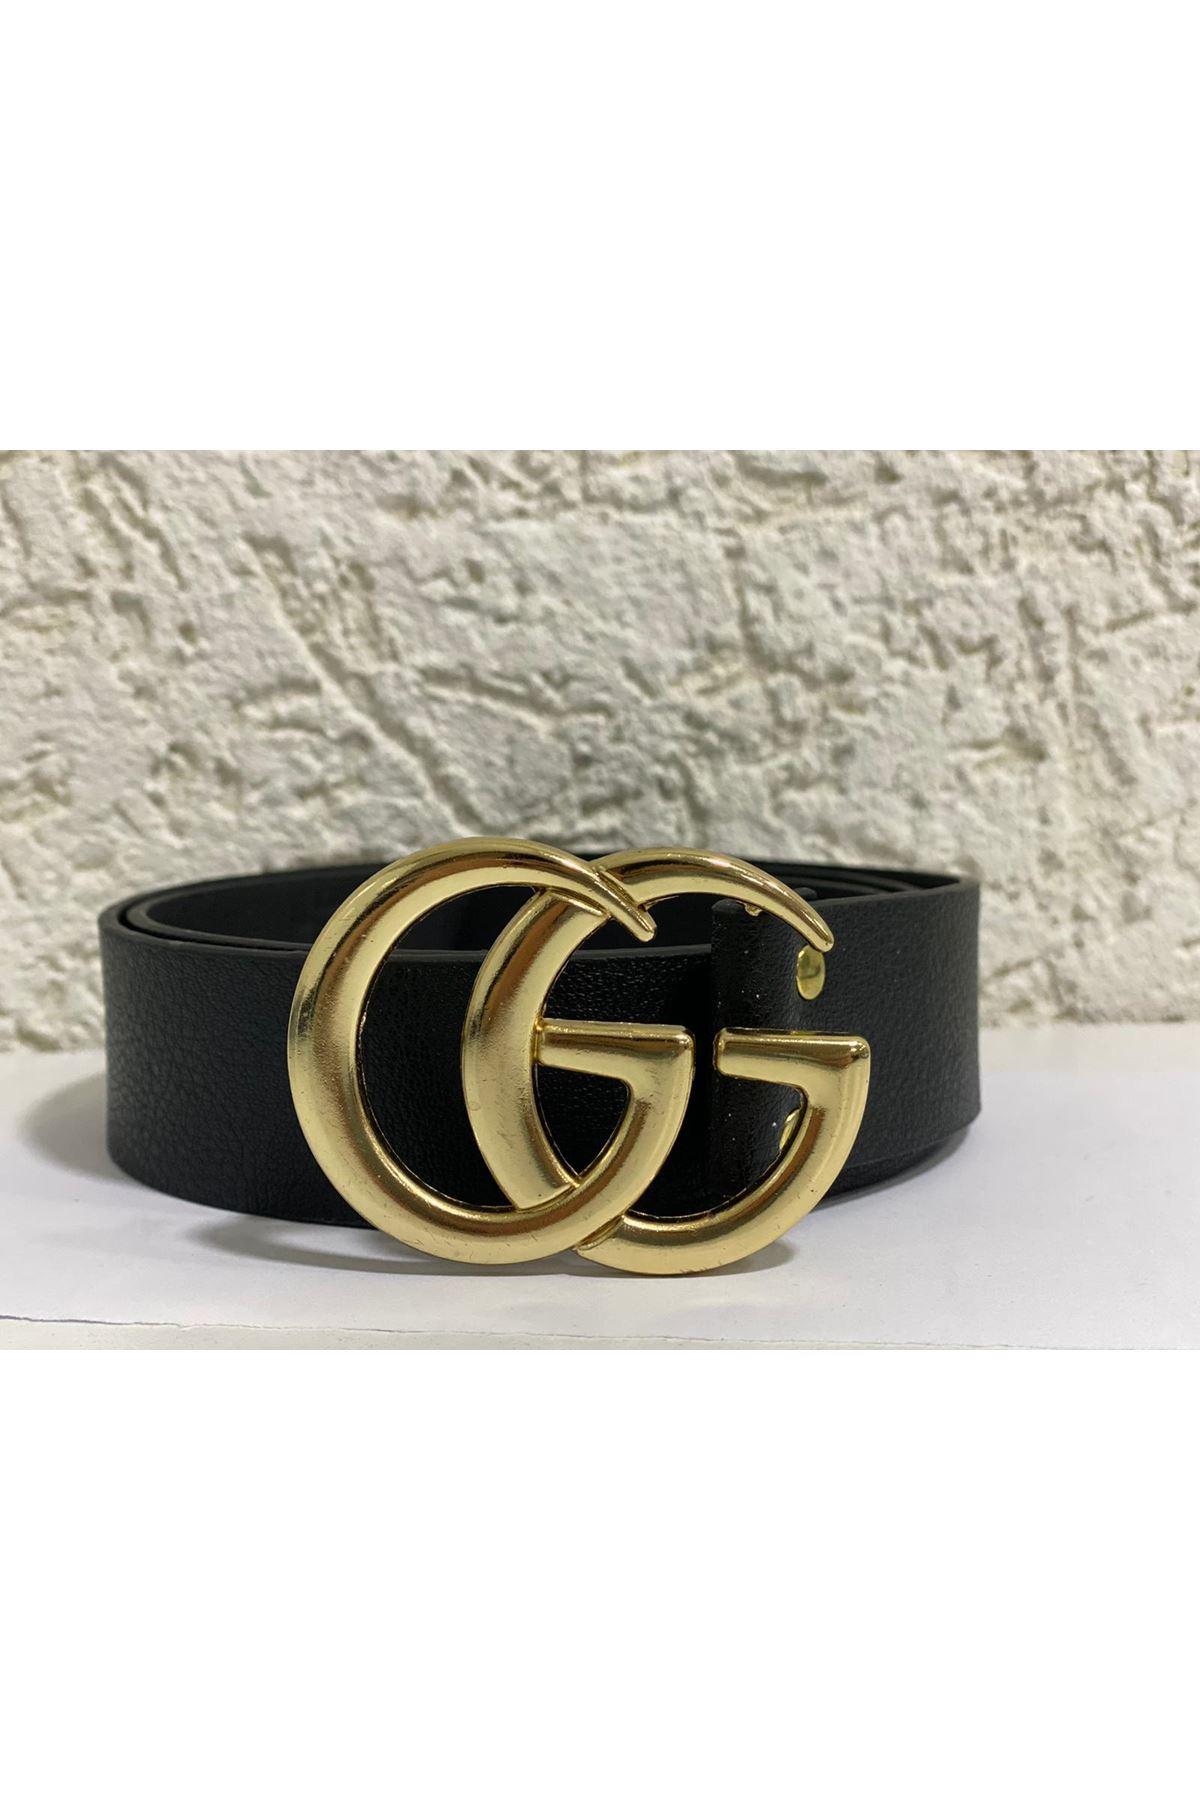 G & G Kemer - Gold